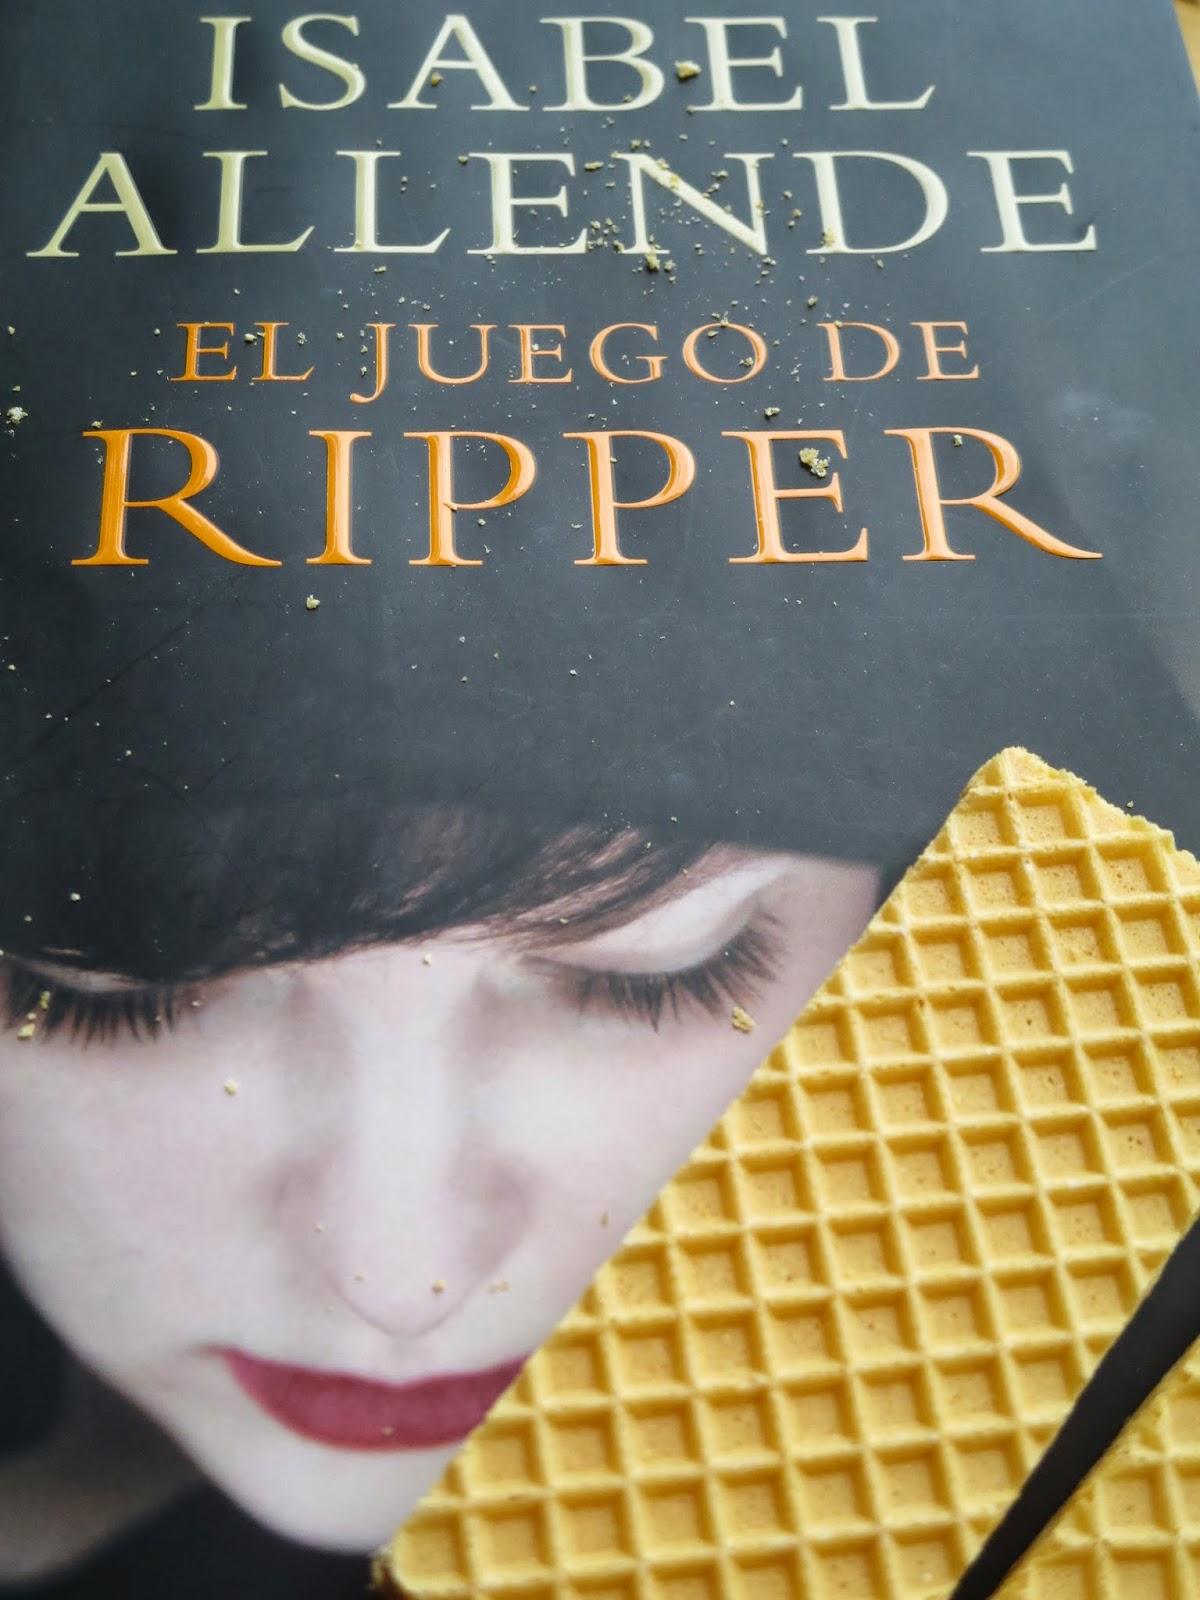 Portada de El juego de Ripper de Isabel Allende. Foto: Raquel Atondo